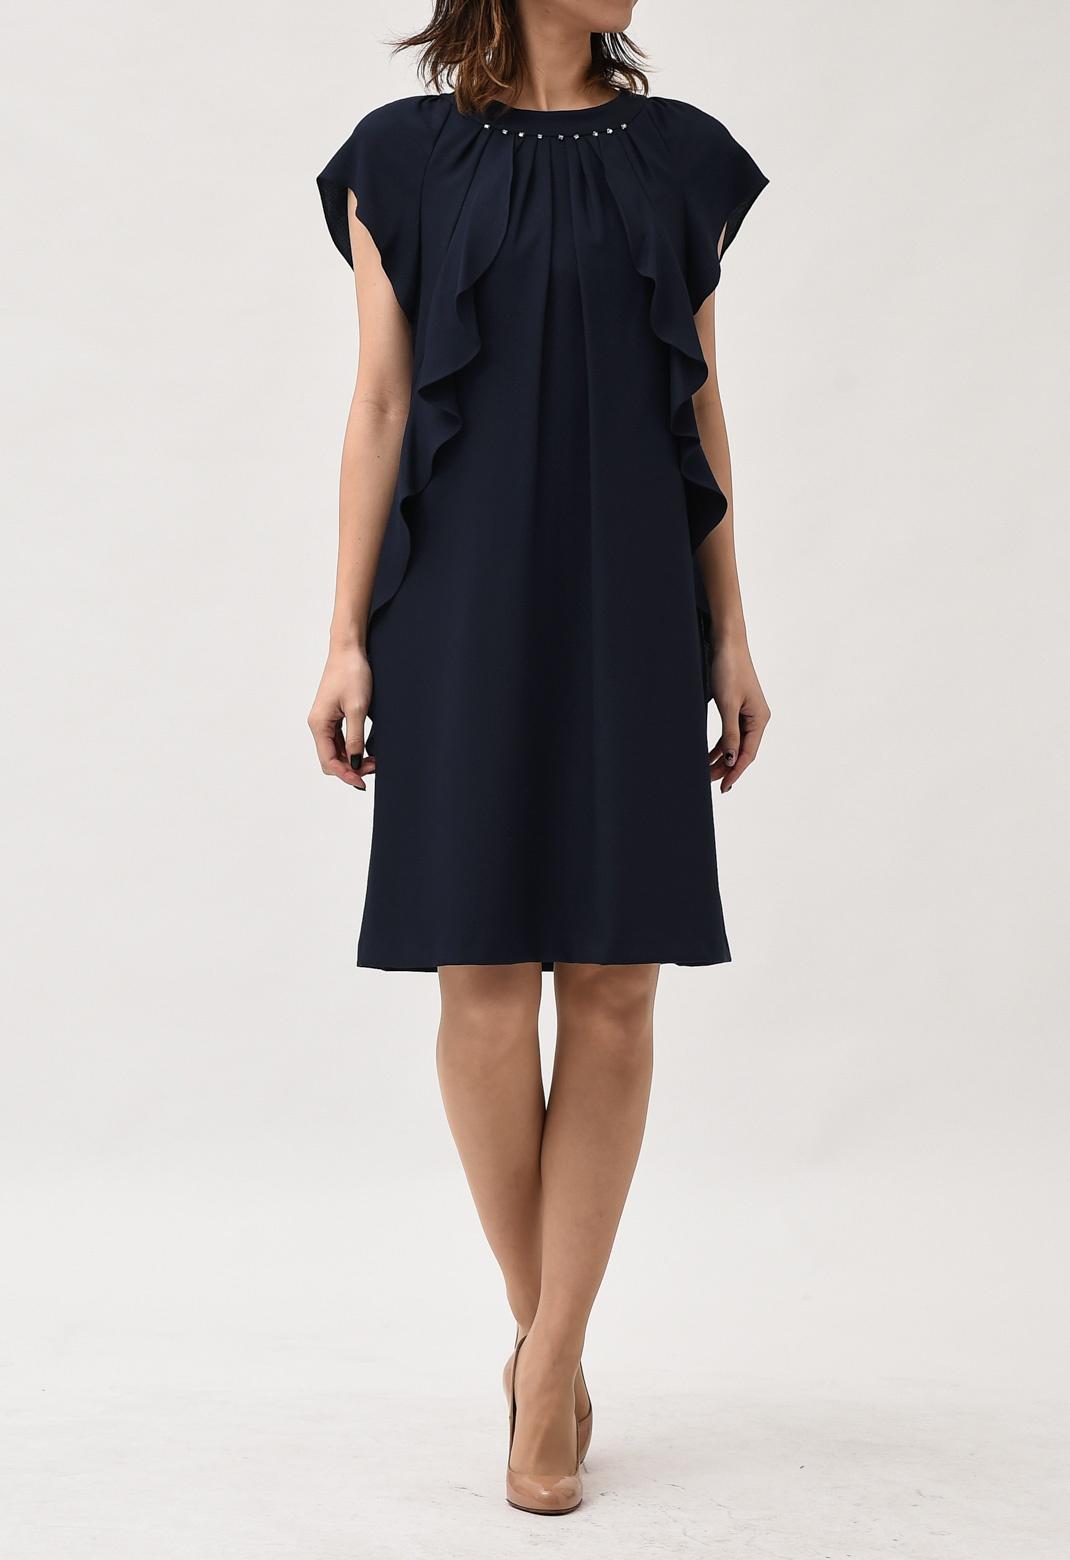 ネックビーズ刺繍 サイドフリル 半袖 ドレス M